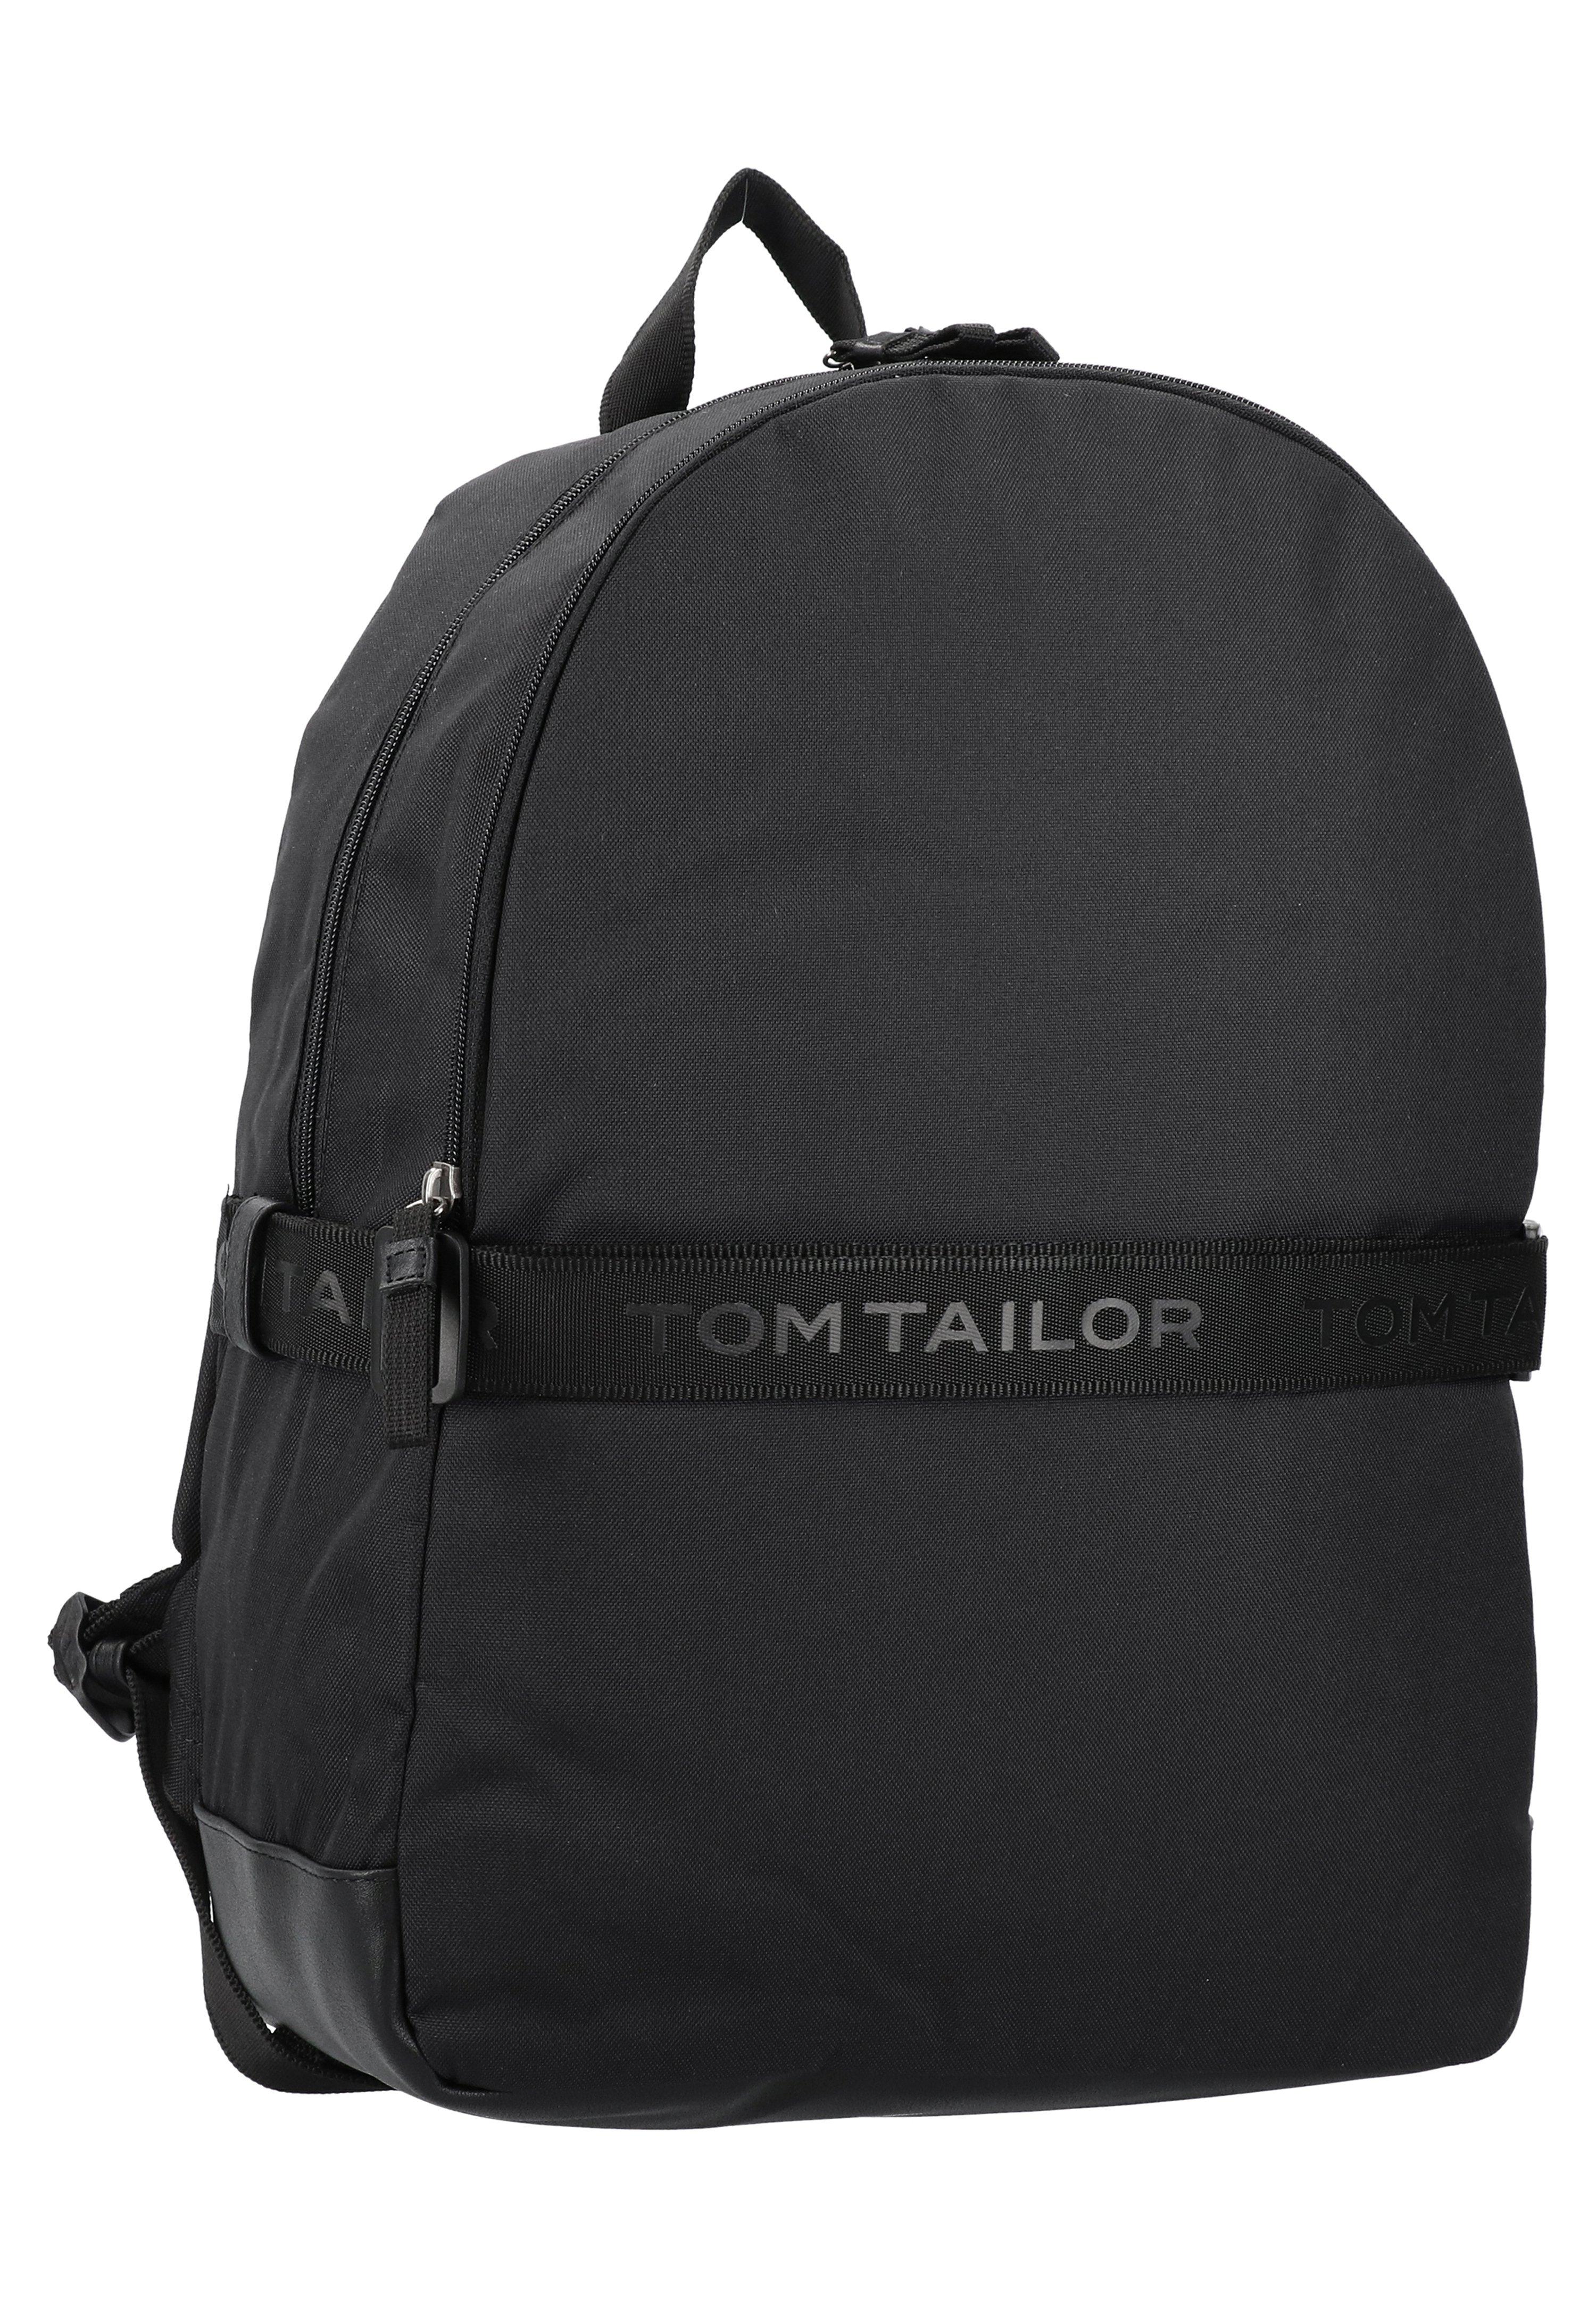 TOM TAILOR MATTEO  - Sac à dos - black